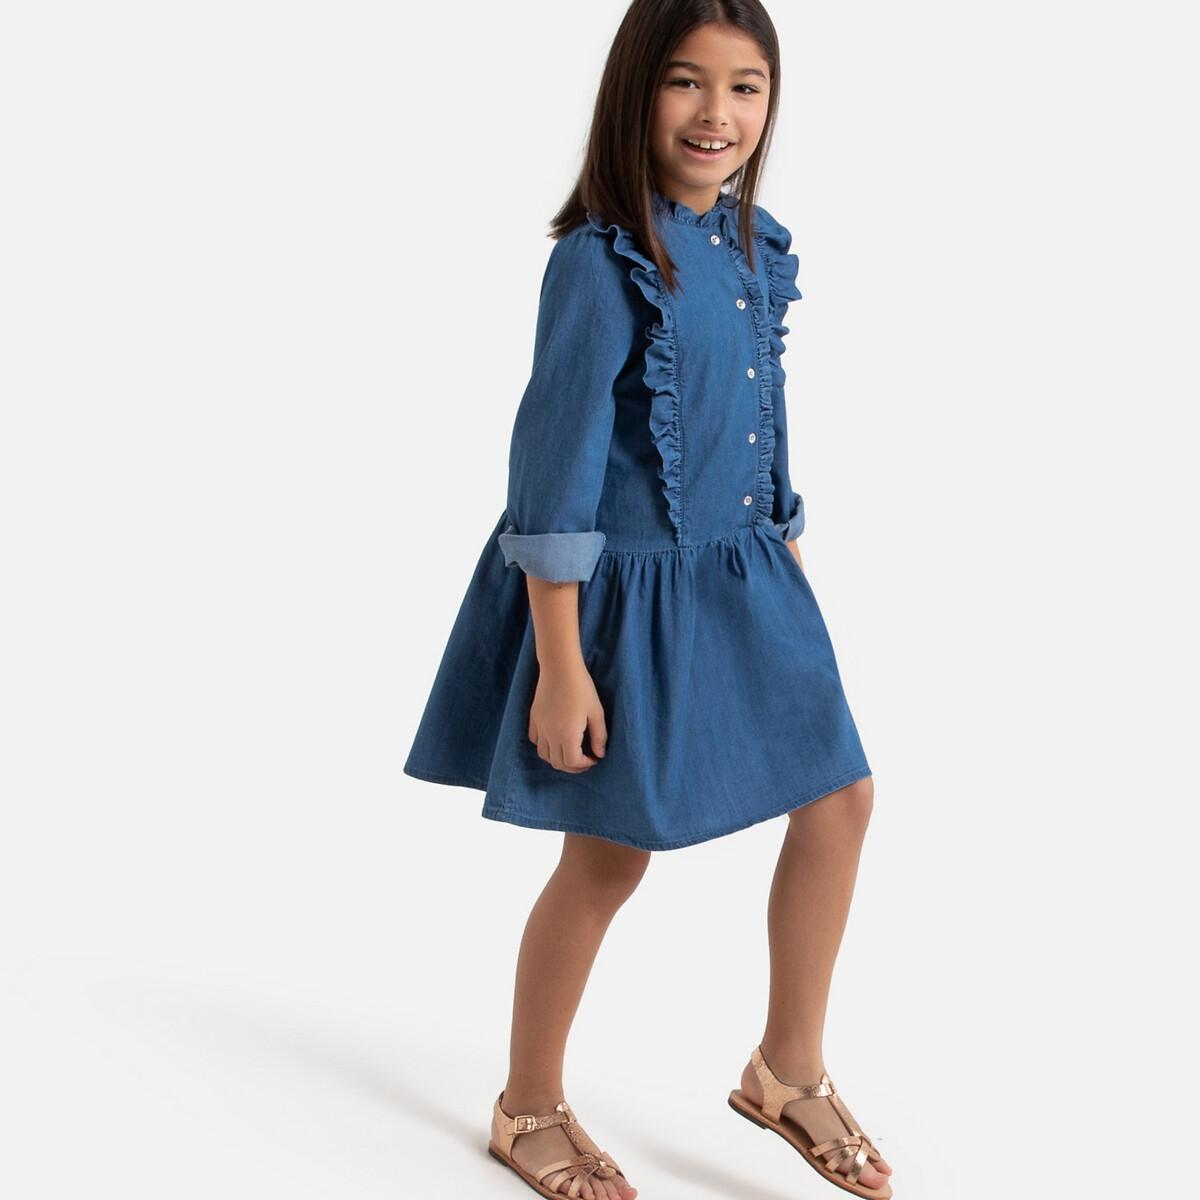 Платье La Redoute Джинсовое с воланами 3-12 лет 5 лет - 108 см синий